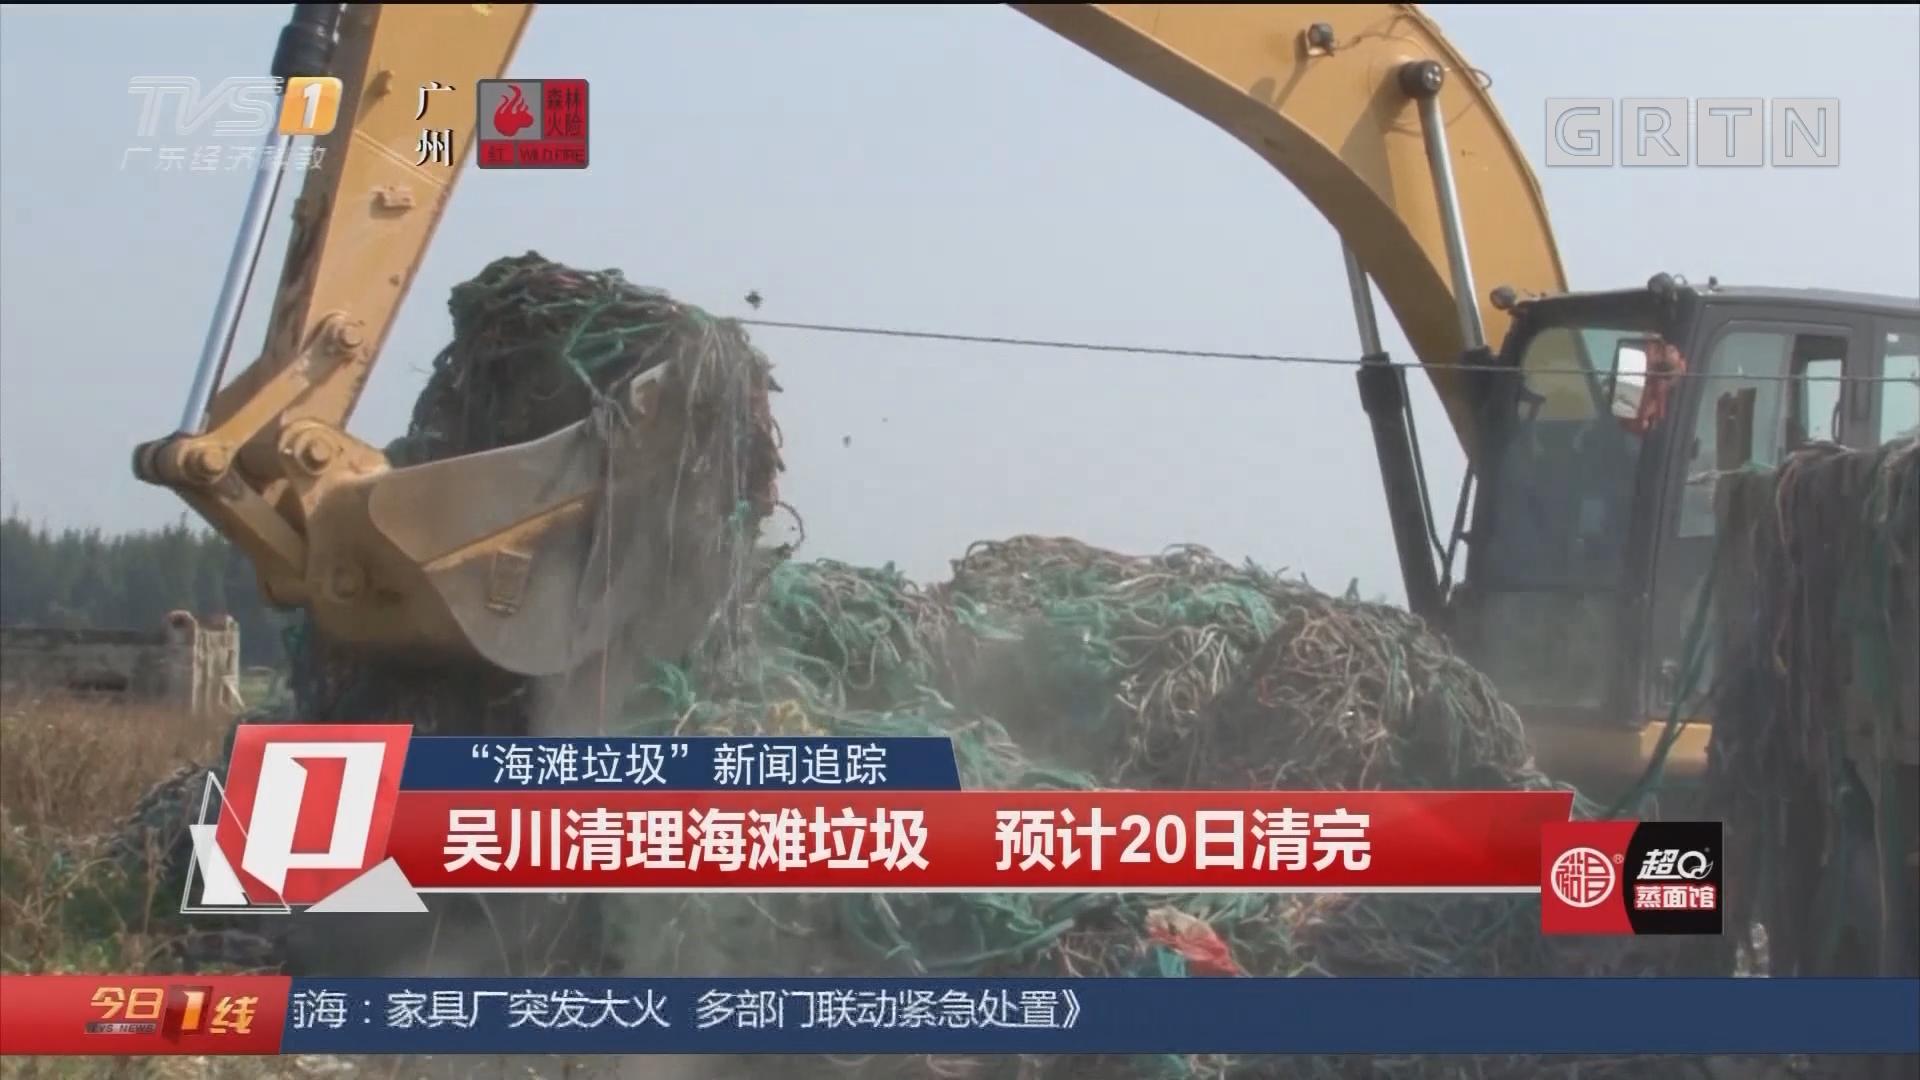 """""""海滩垃圾""""新闻追踪:吴川清理海滩垃圾 预计20日清完"""